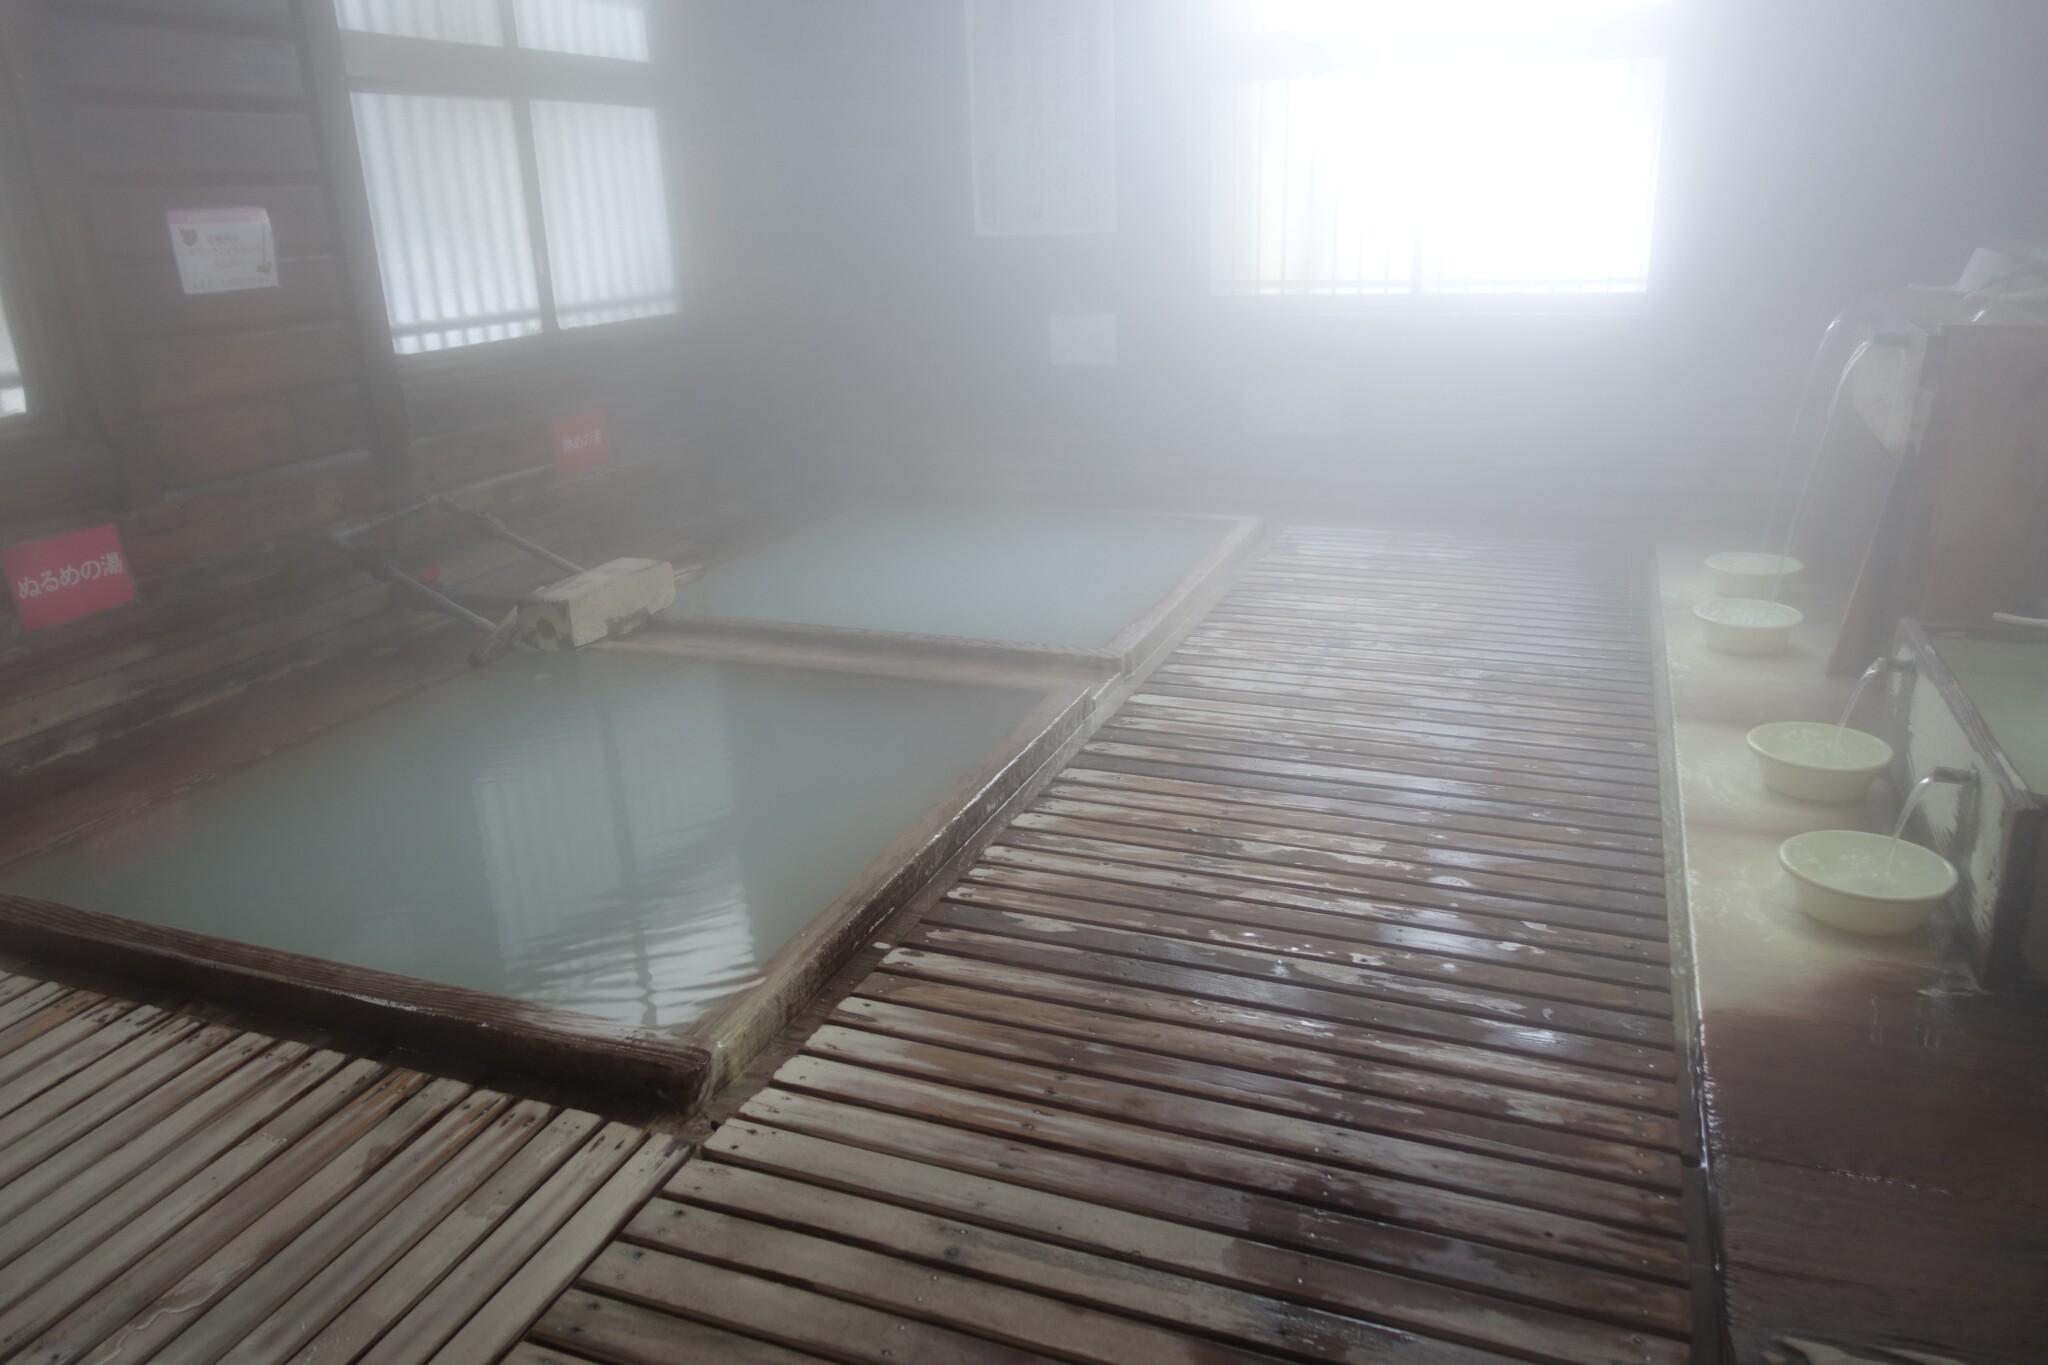 ふたたび温泉療養に戻る【那須湯本療養2】(その7)